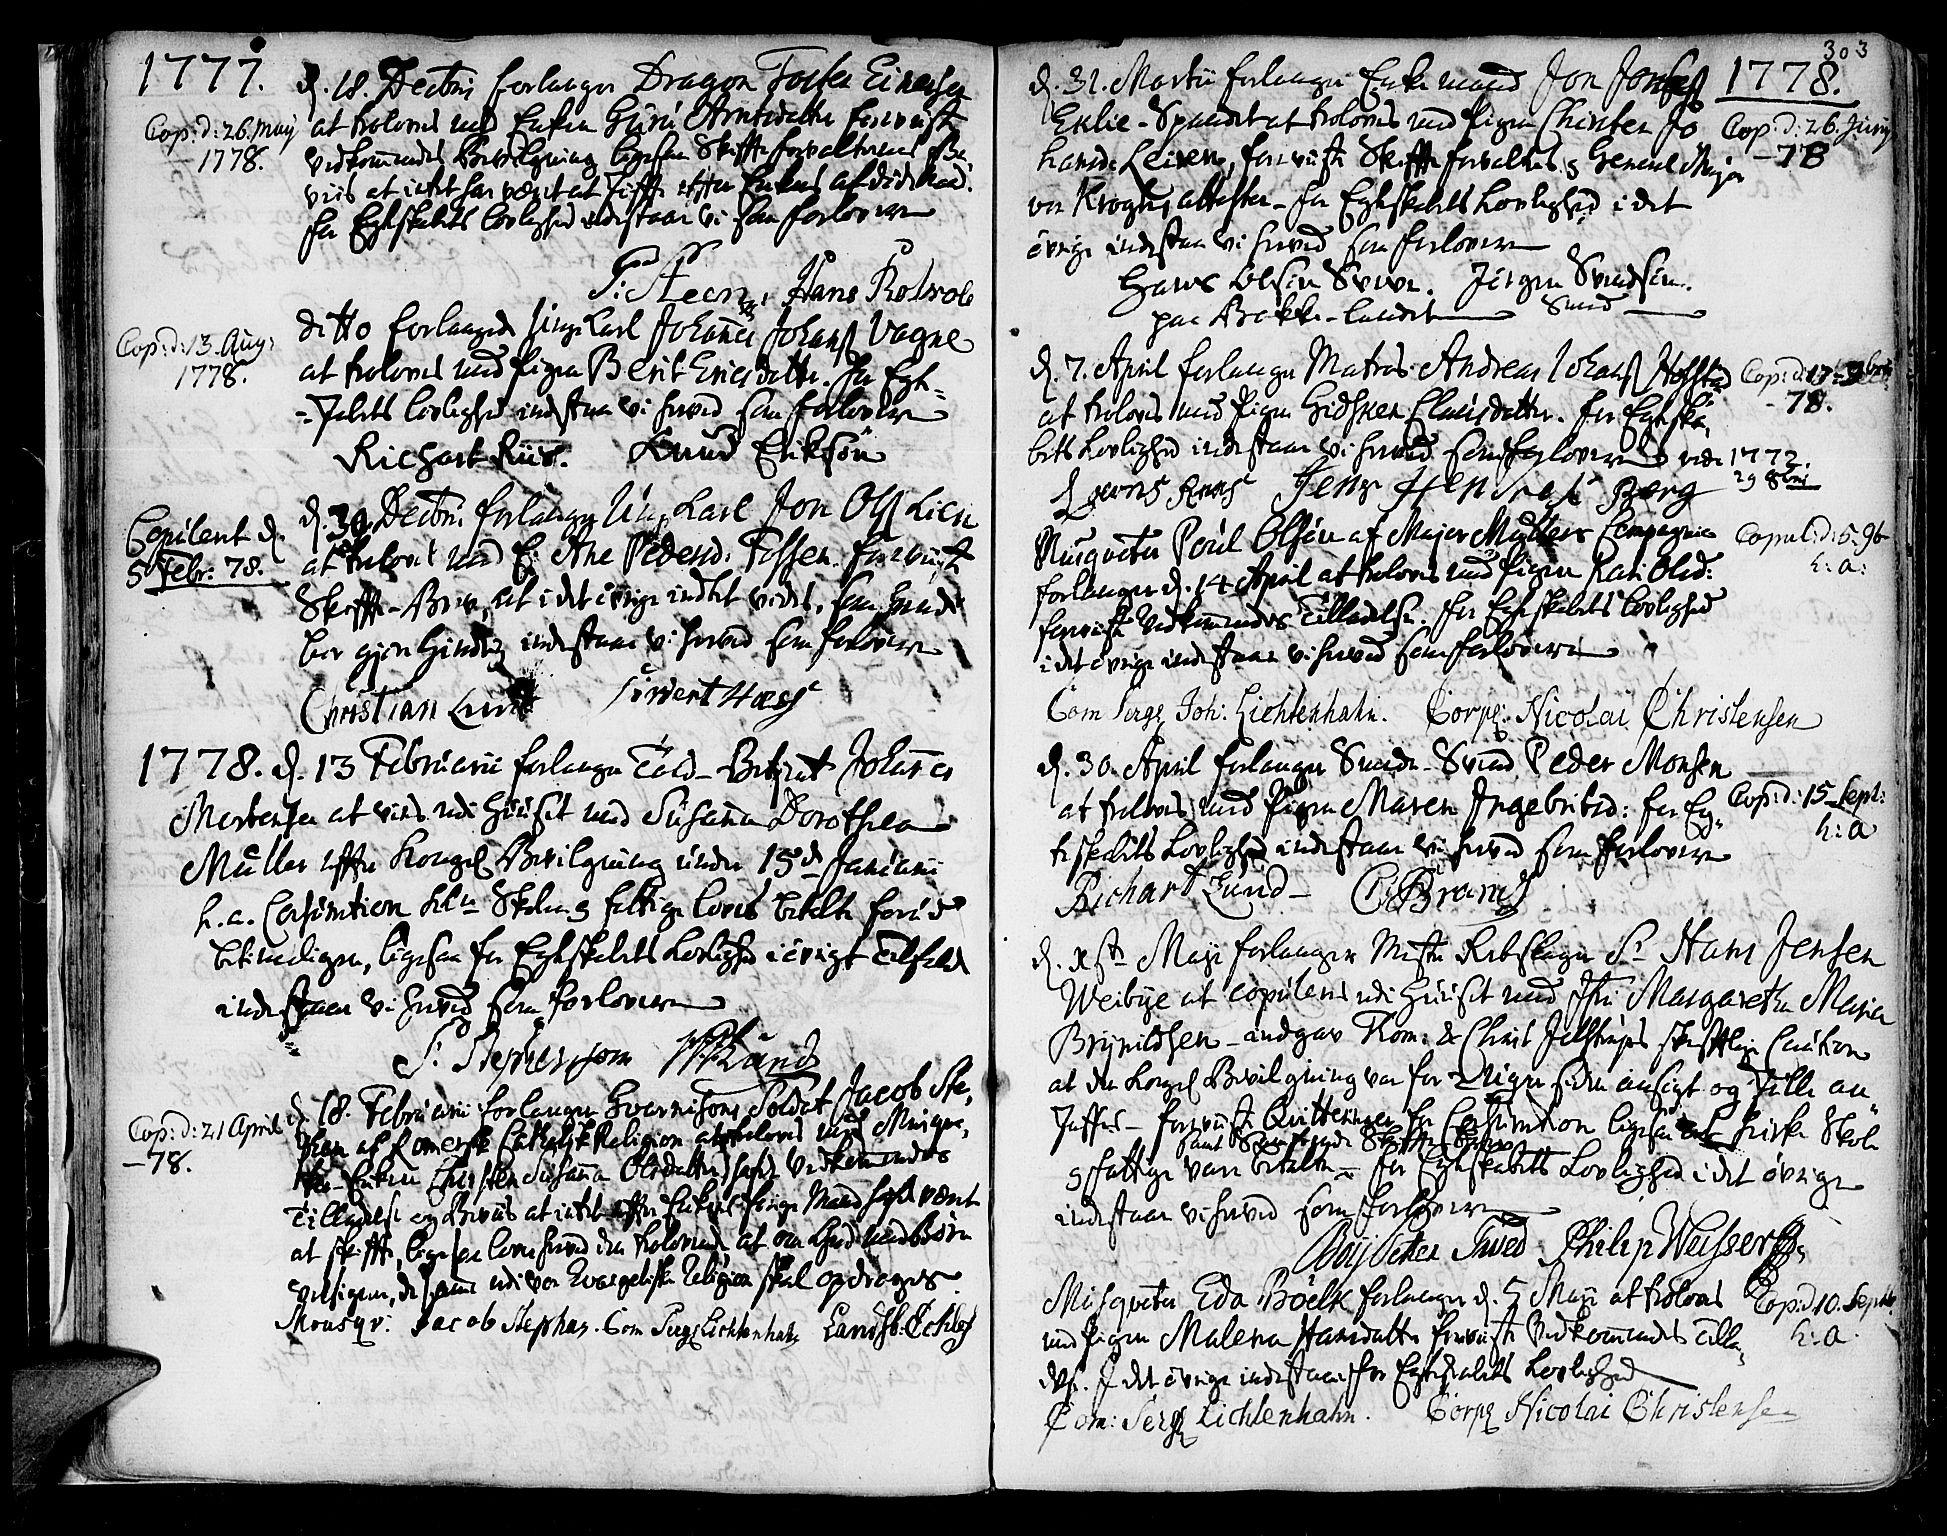 SAT, Ministerialprotokoller, klokkerbøker og fødselsregistre - Sør-Trøndelag, 601/L0038: Ministerialbok nr. 601A06, 1766-1877, s. 303